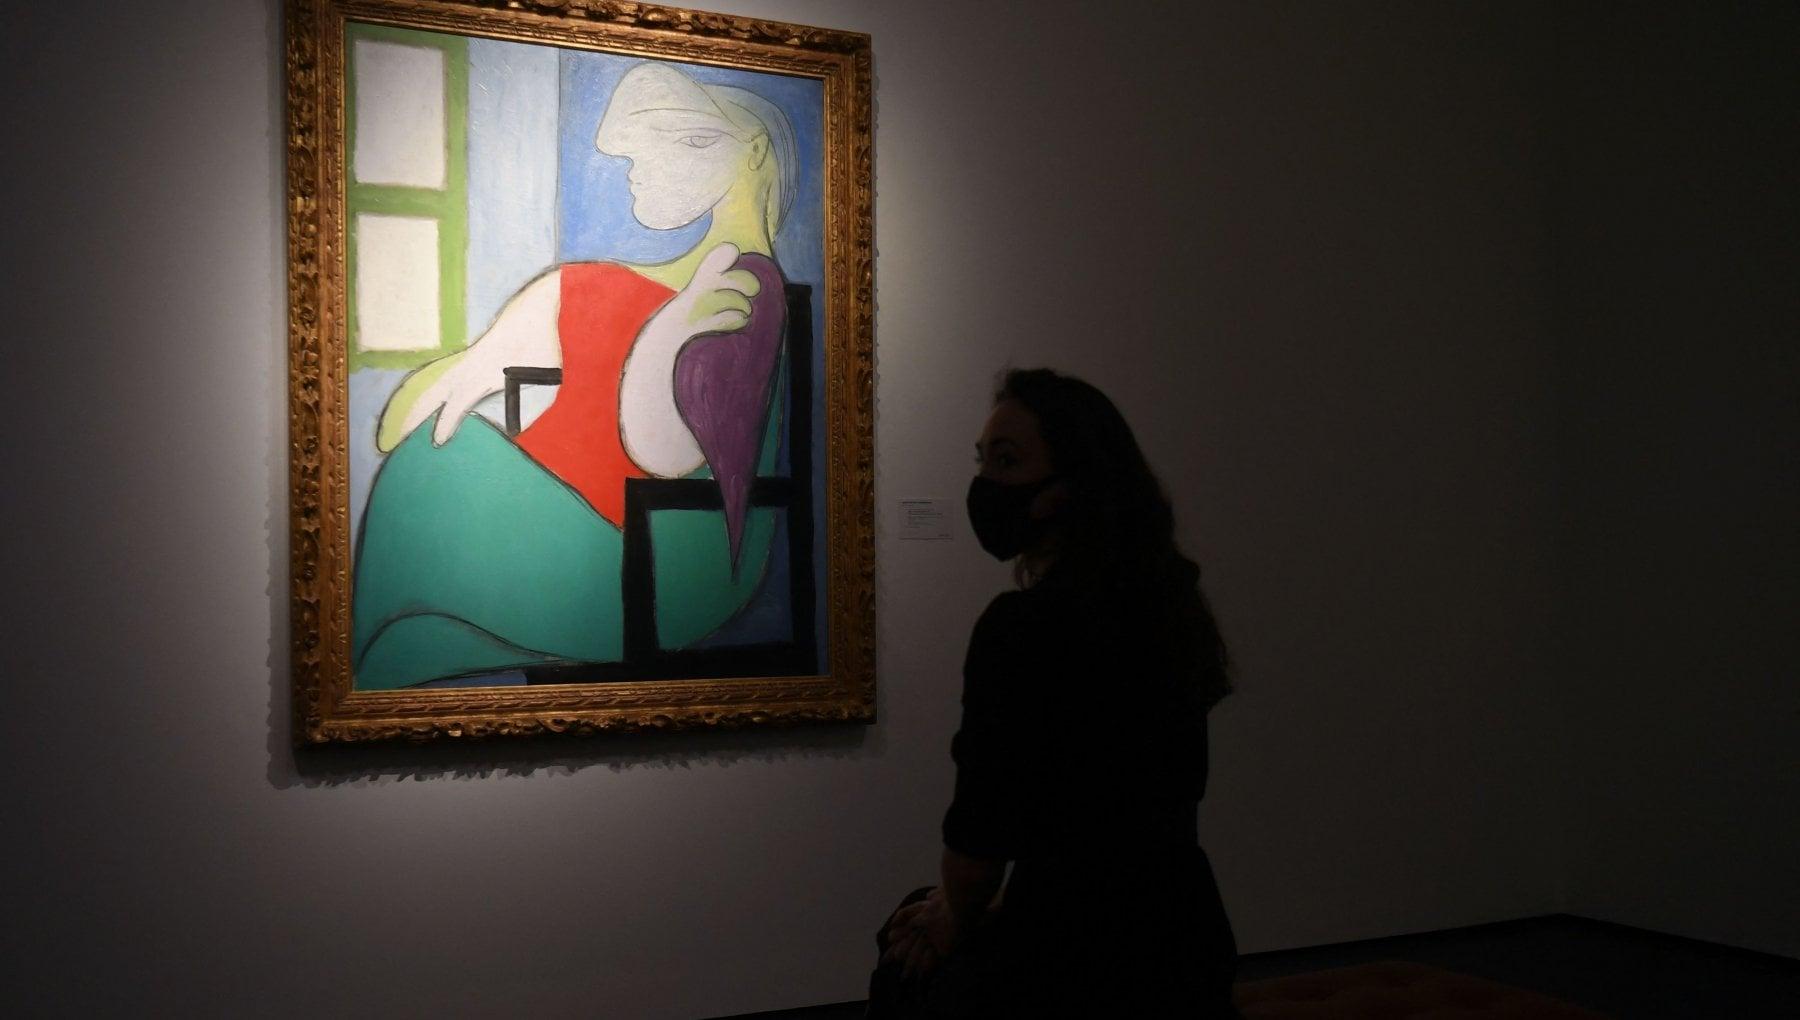 043236850 3c99e695 418f 4992 9657 22b428268da5 - Stati Uniti, a New York quadro di Picasso battuto all'asta per 103 milioni di dollari